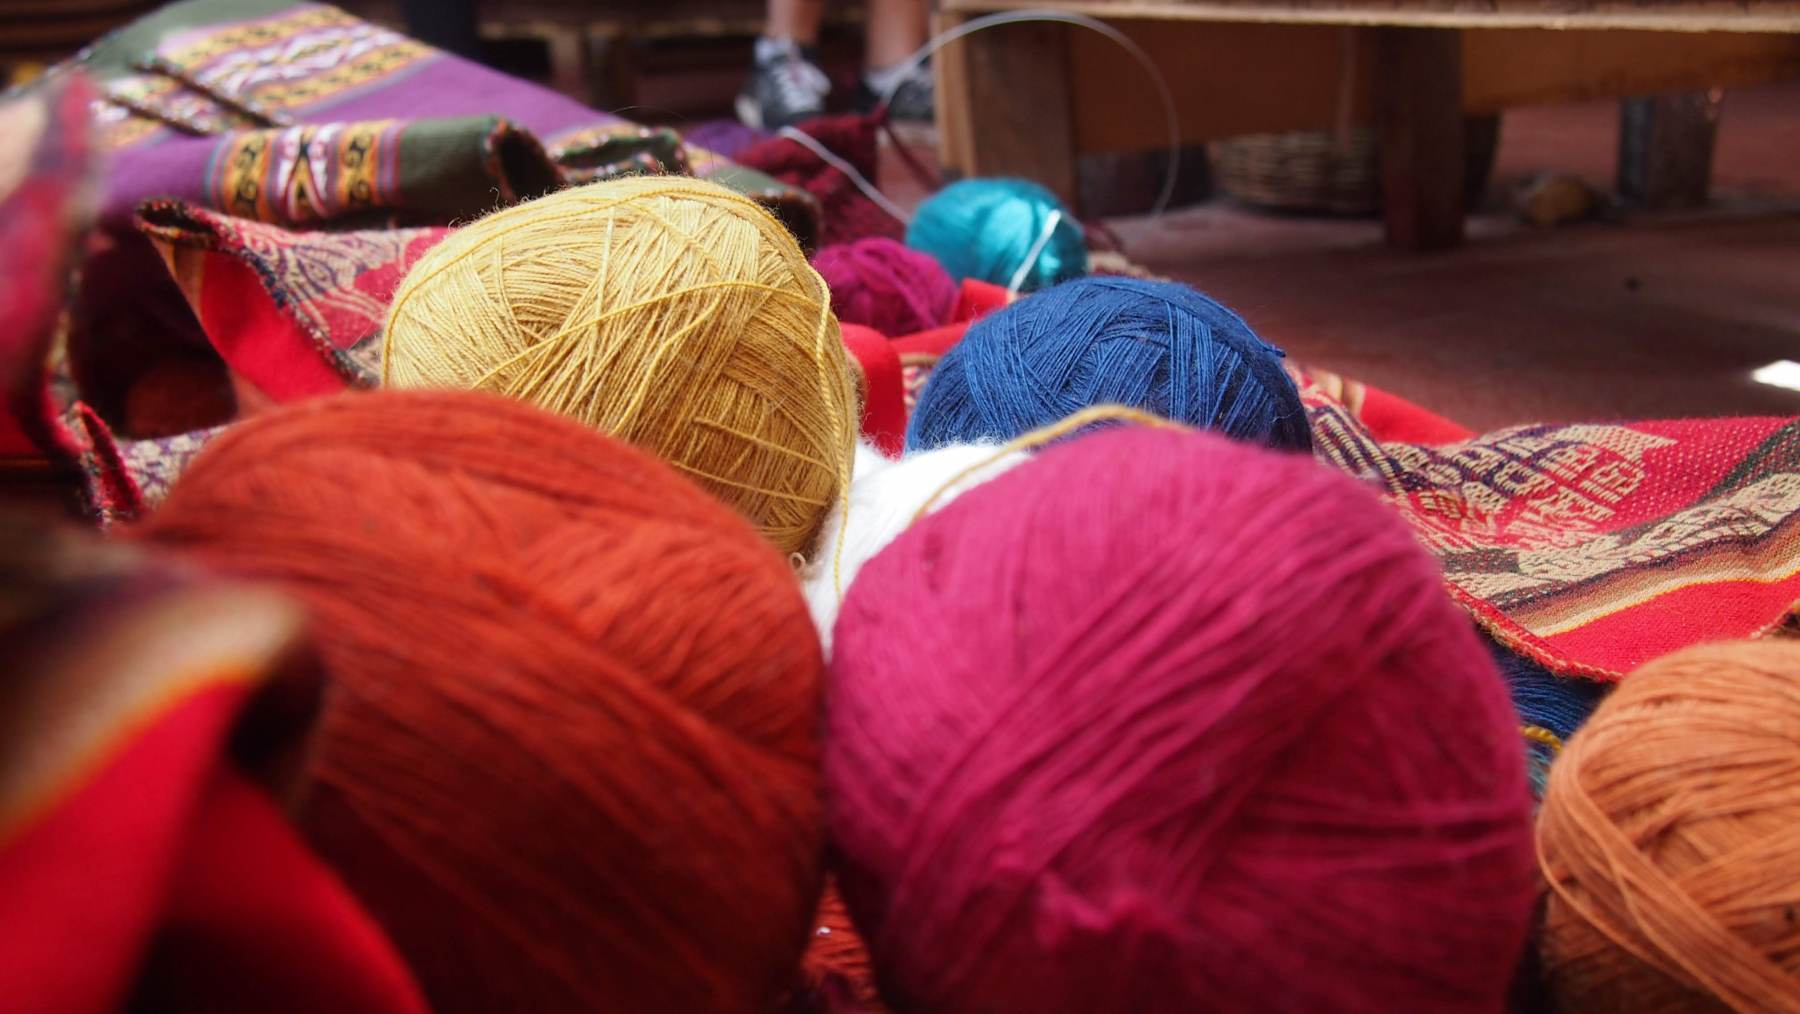 Prodejna a výrobna textilií, Chinchero